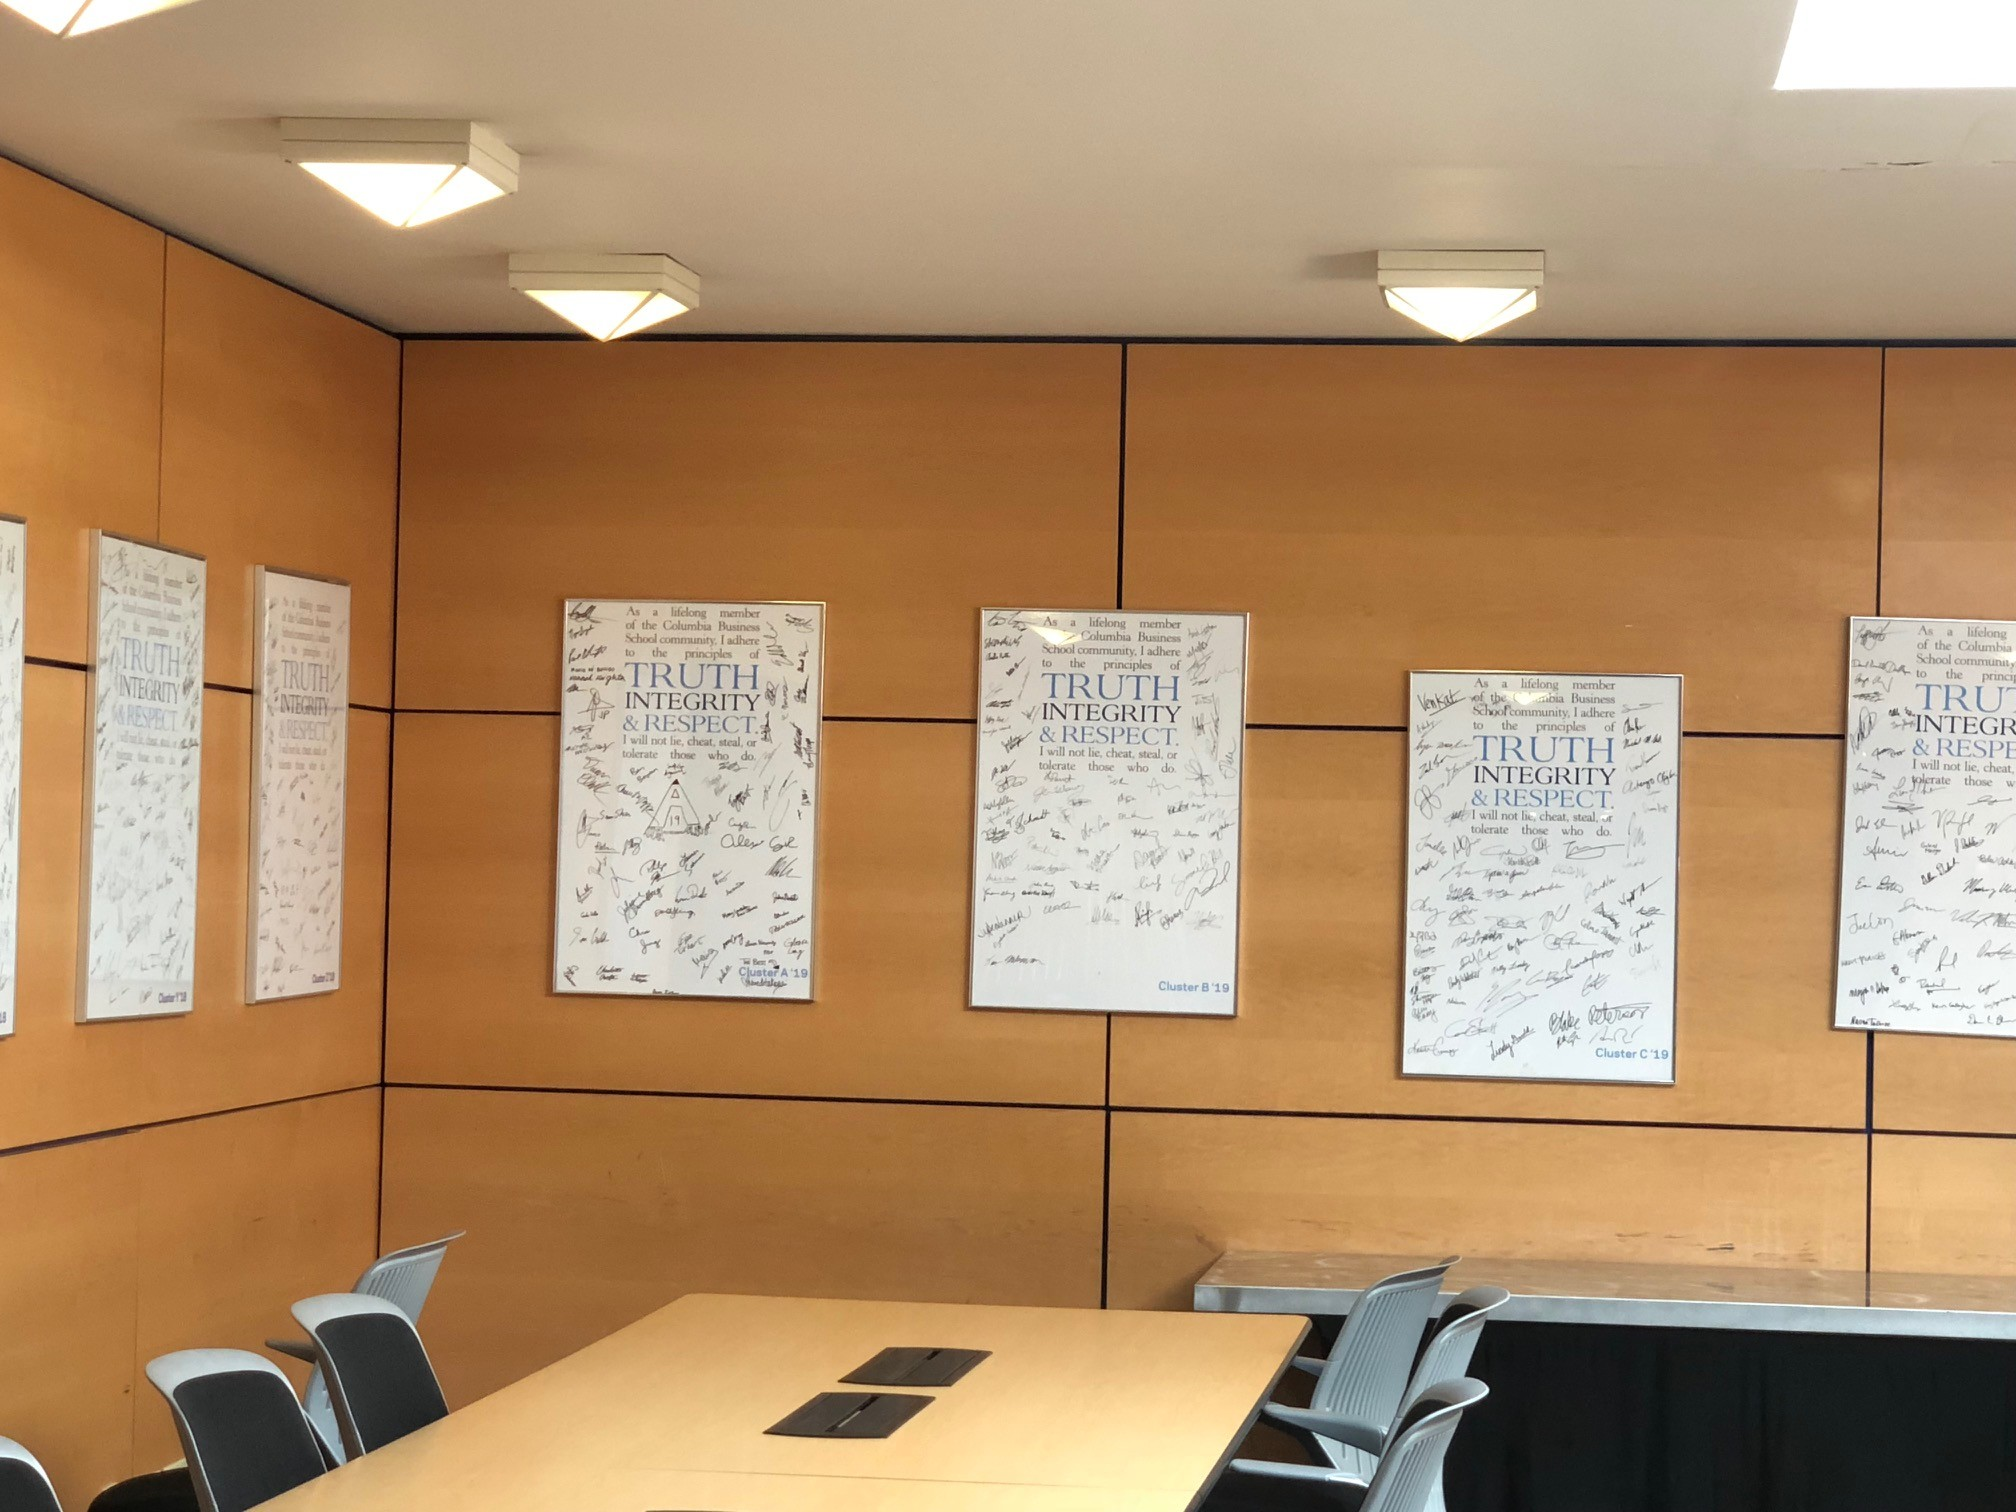 Telas assinadas pelos alunos de todos ao anos (Foto: ARQUIVO PESSOAL/FERNANDA LOPES DE MACEDO THEES)